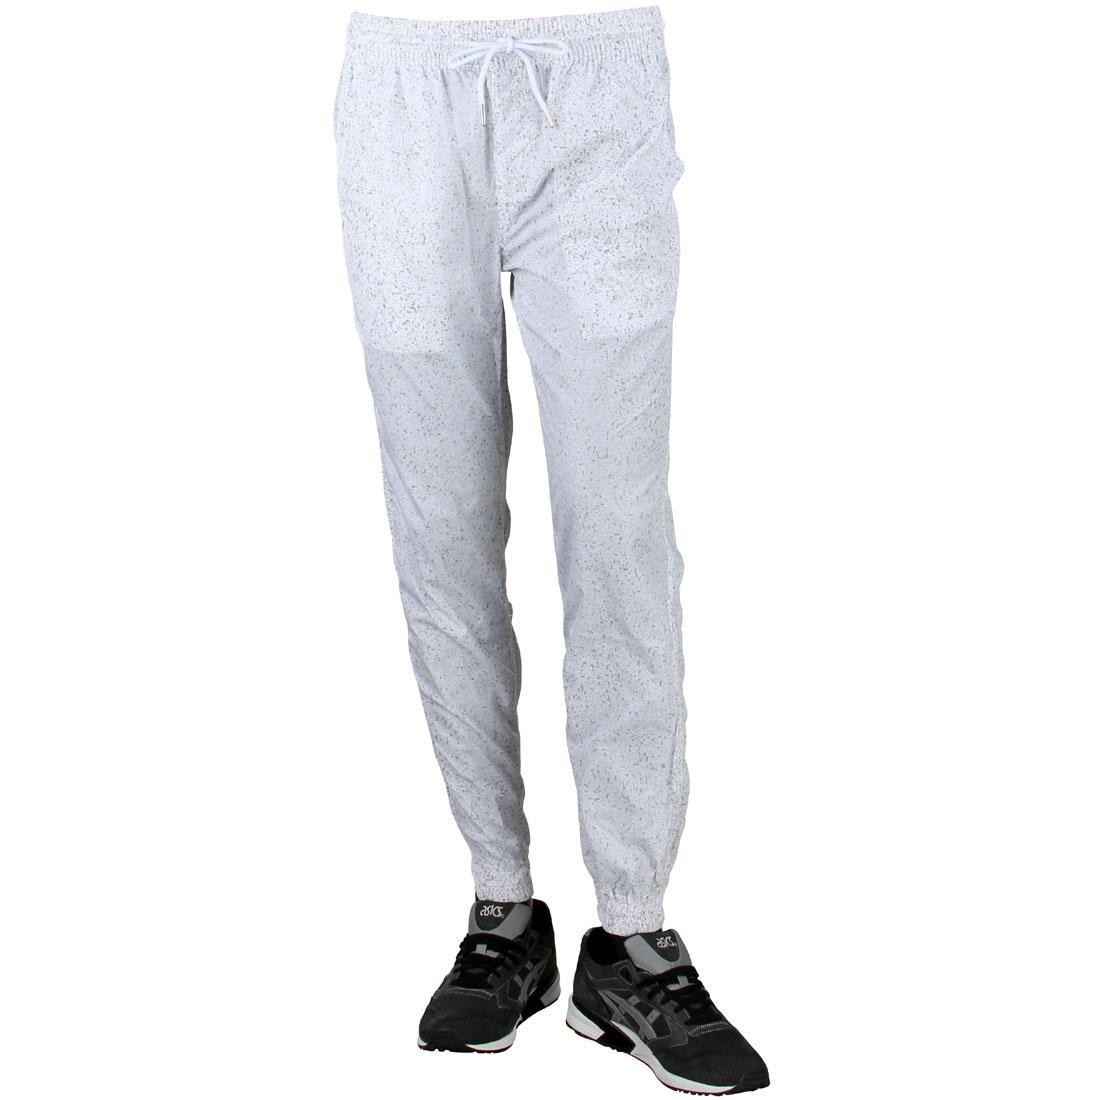 パブリッシュ ジョガーパンツ 【 PUBLISH MEN 3M SPECKLE JOGGER PANTS WHITE 】 メンズファッション ズボン パンツ 送料無料